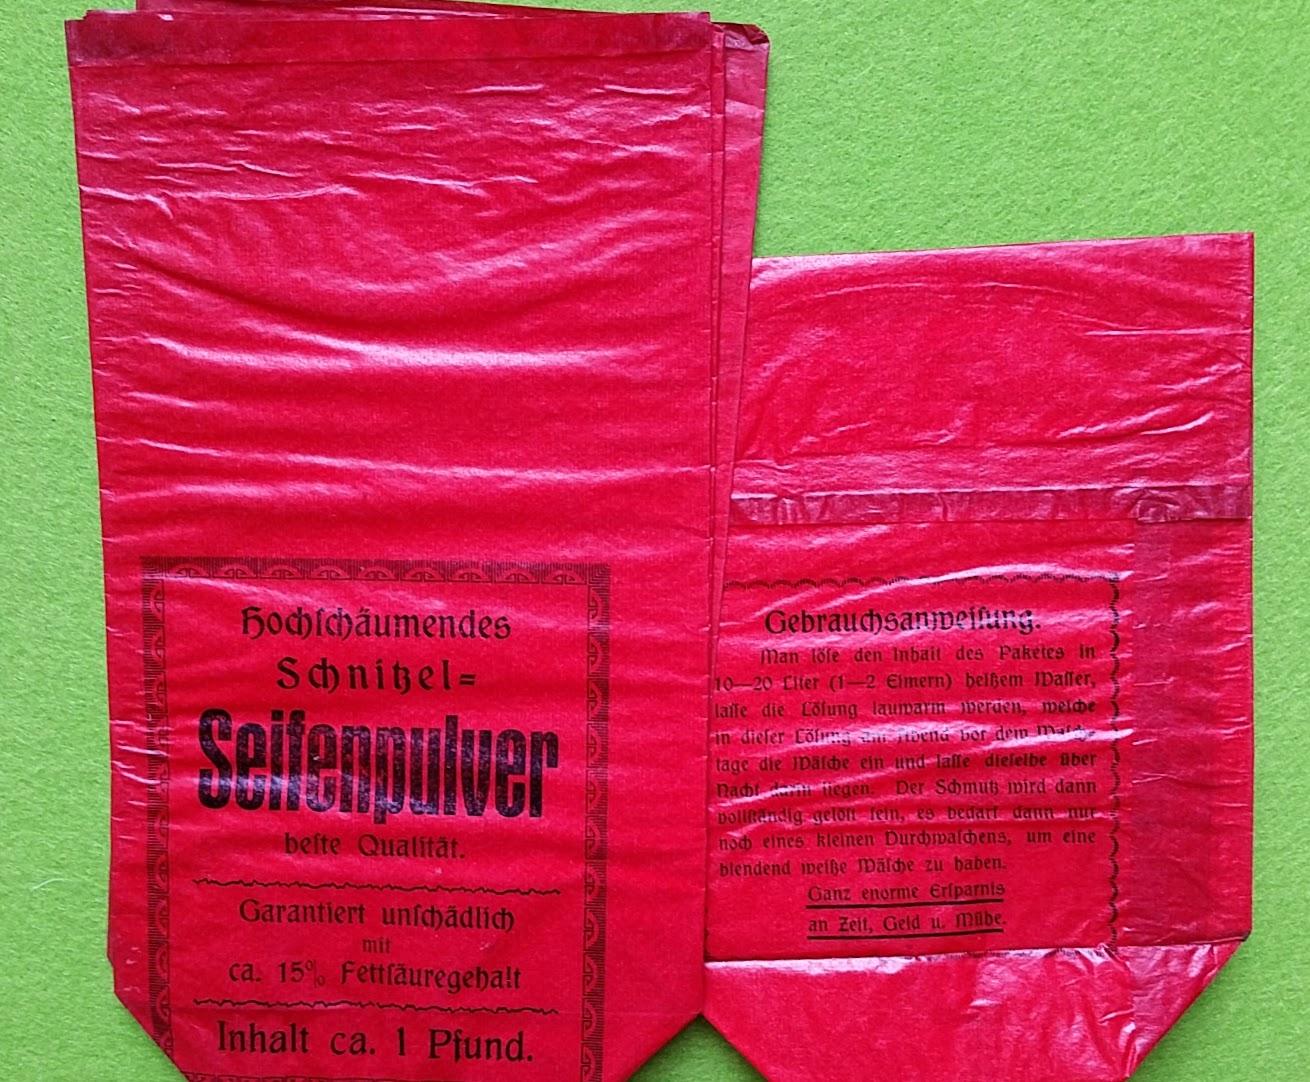 Papiertüten aus der Drogerie und Apotheke - Seifenpulver